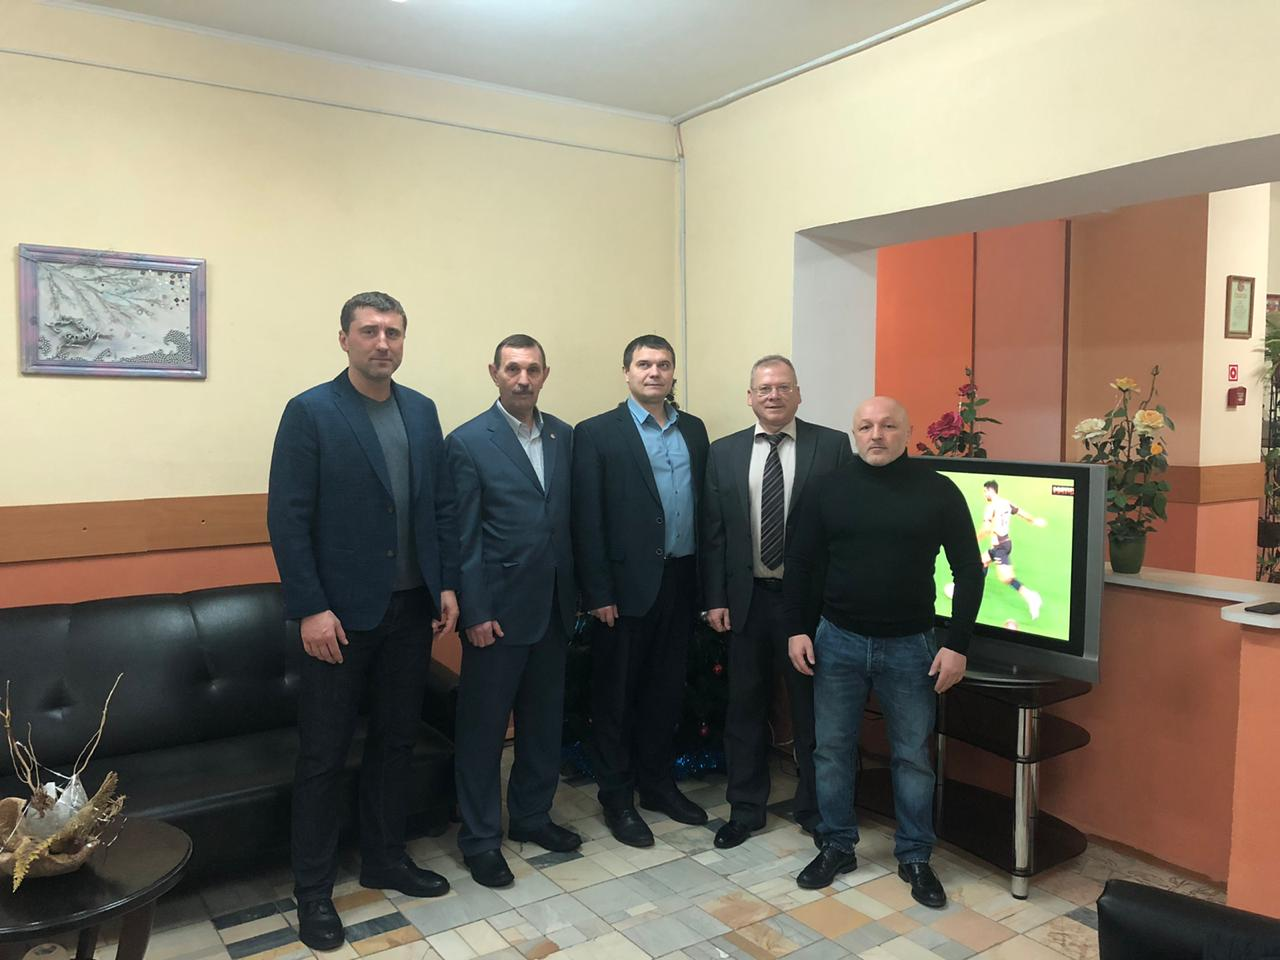 Встреча в Наро-Фоминском городском округе турниров общенационального и международного уровня